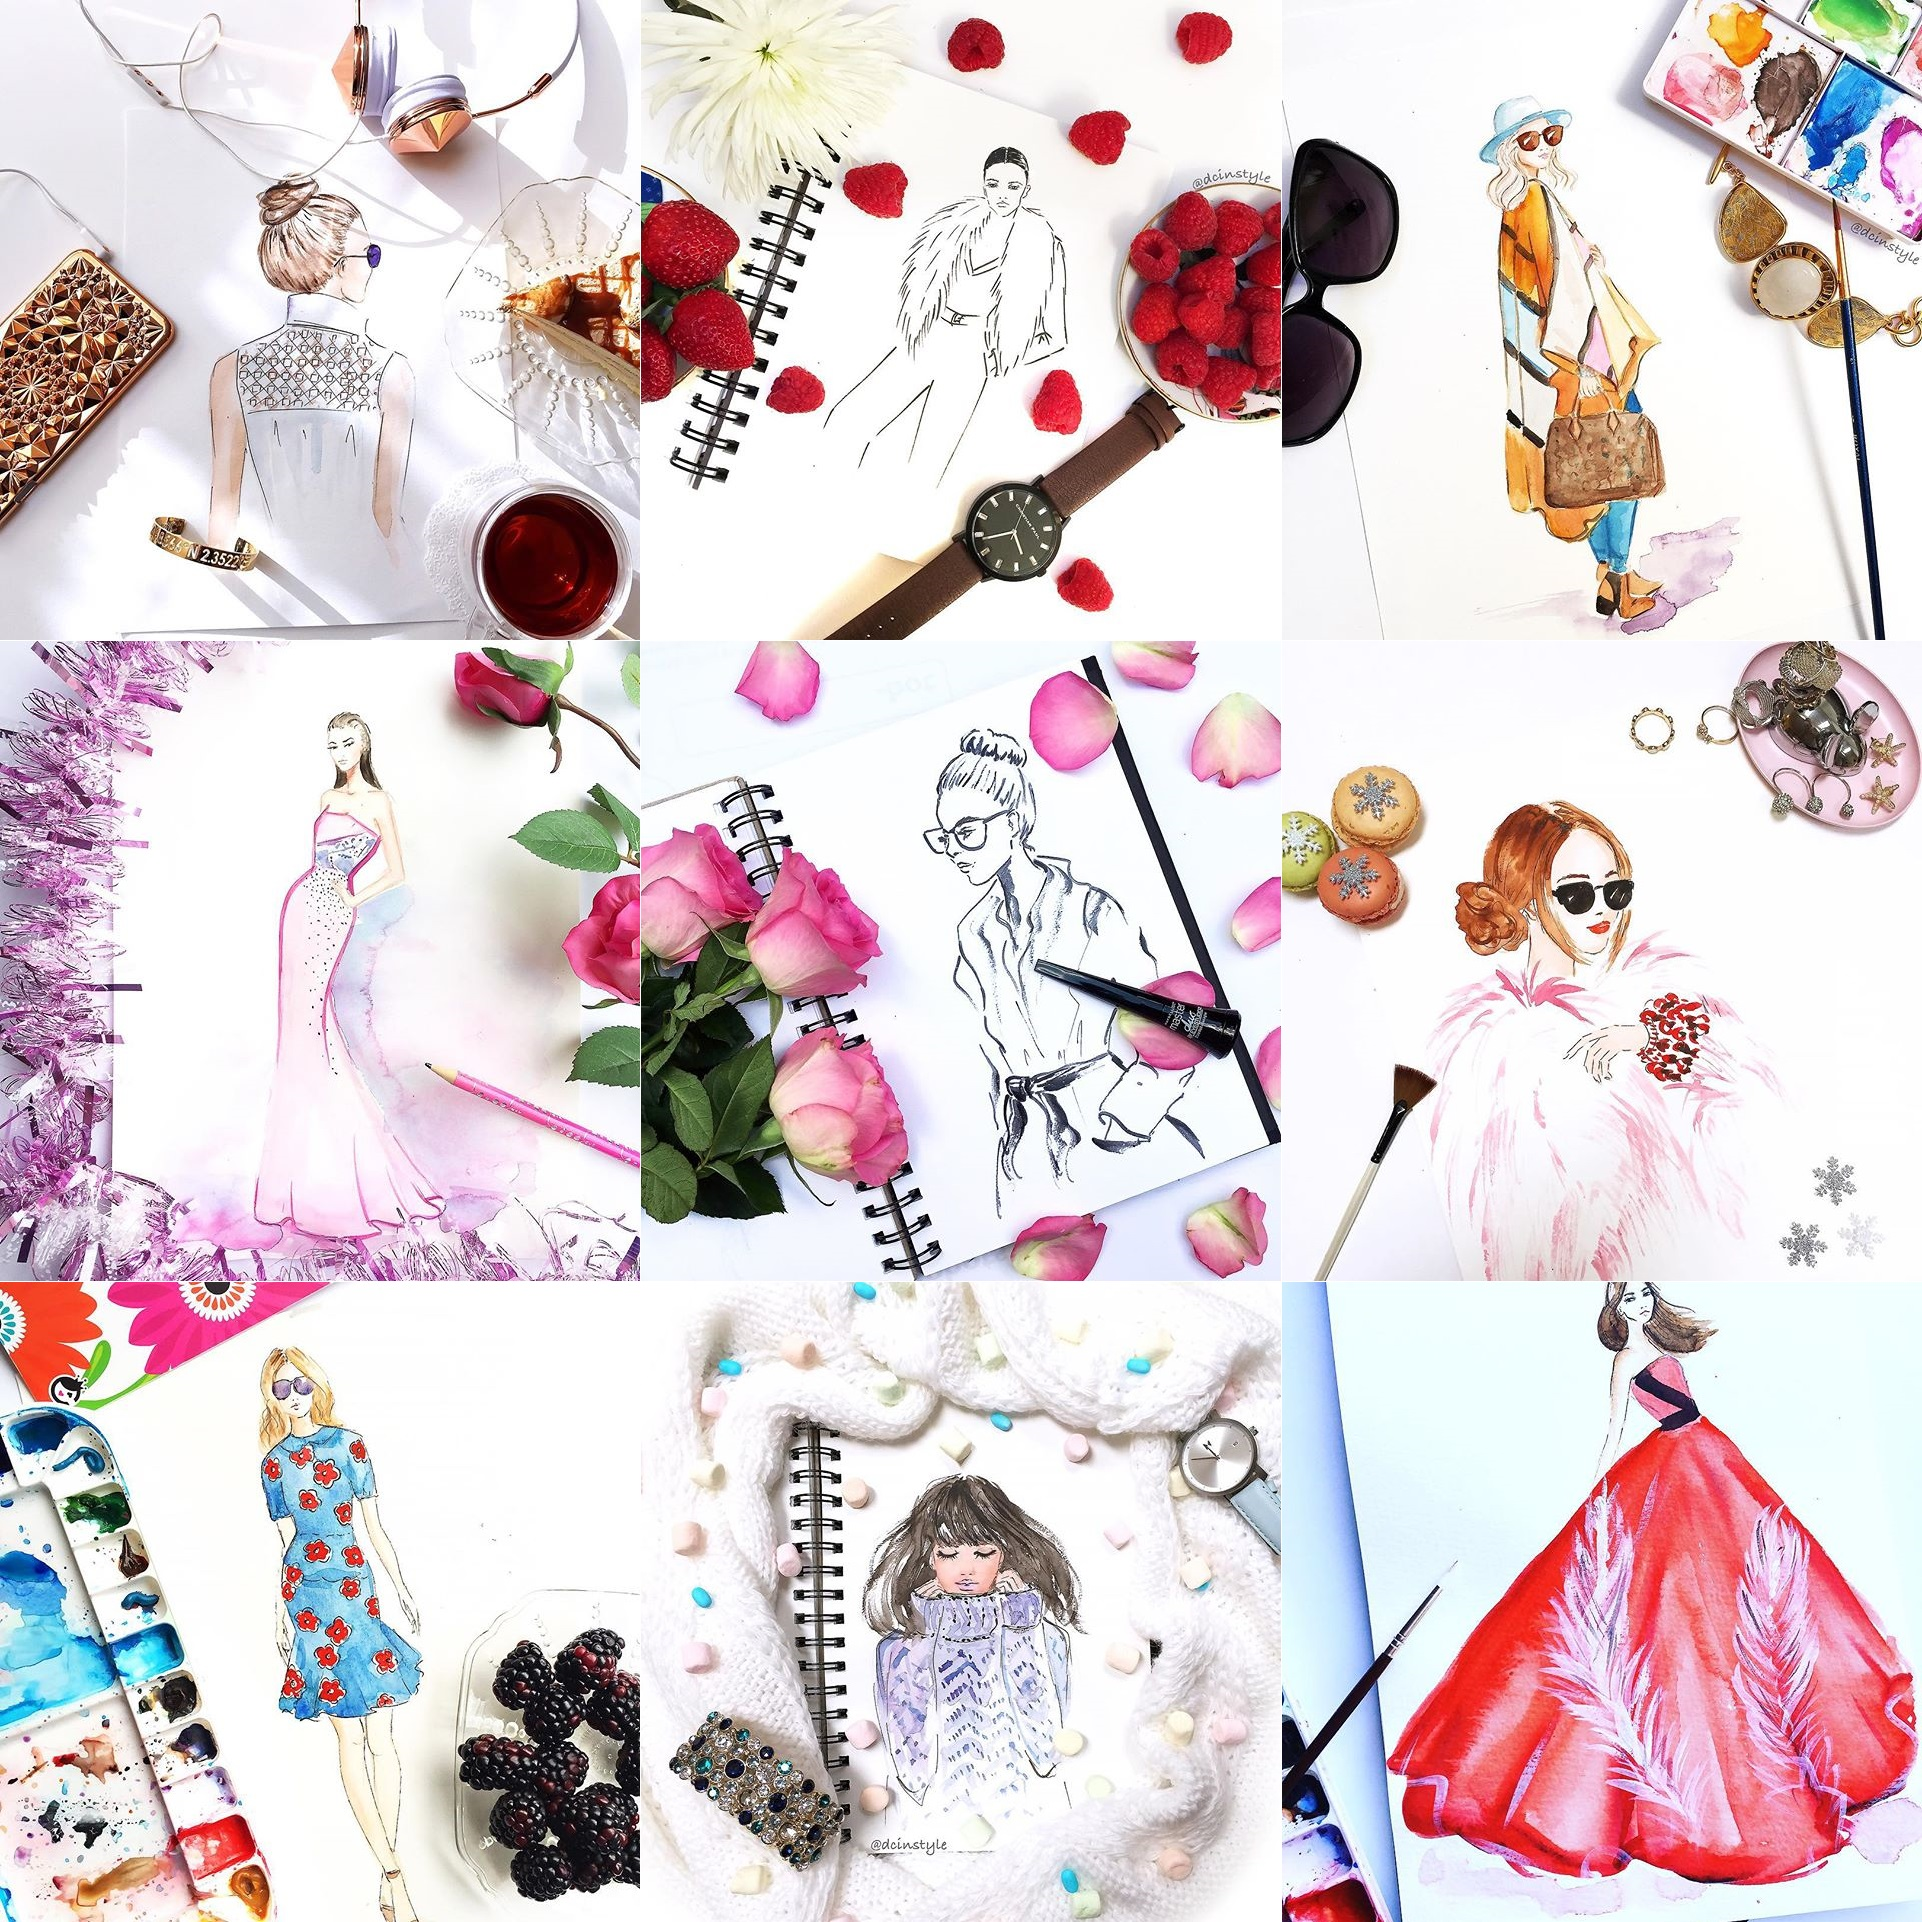 ilustração-moda-elena-fay